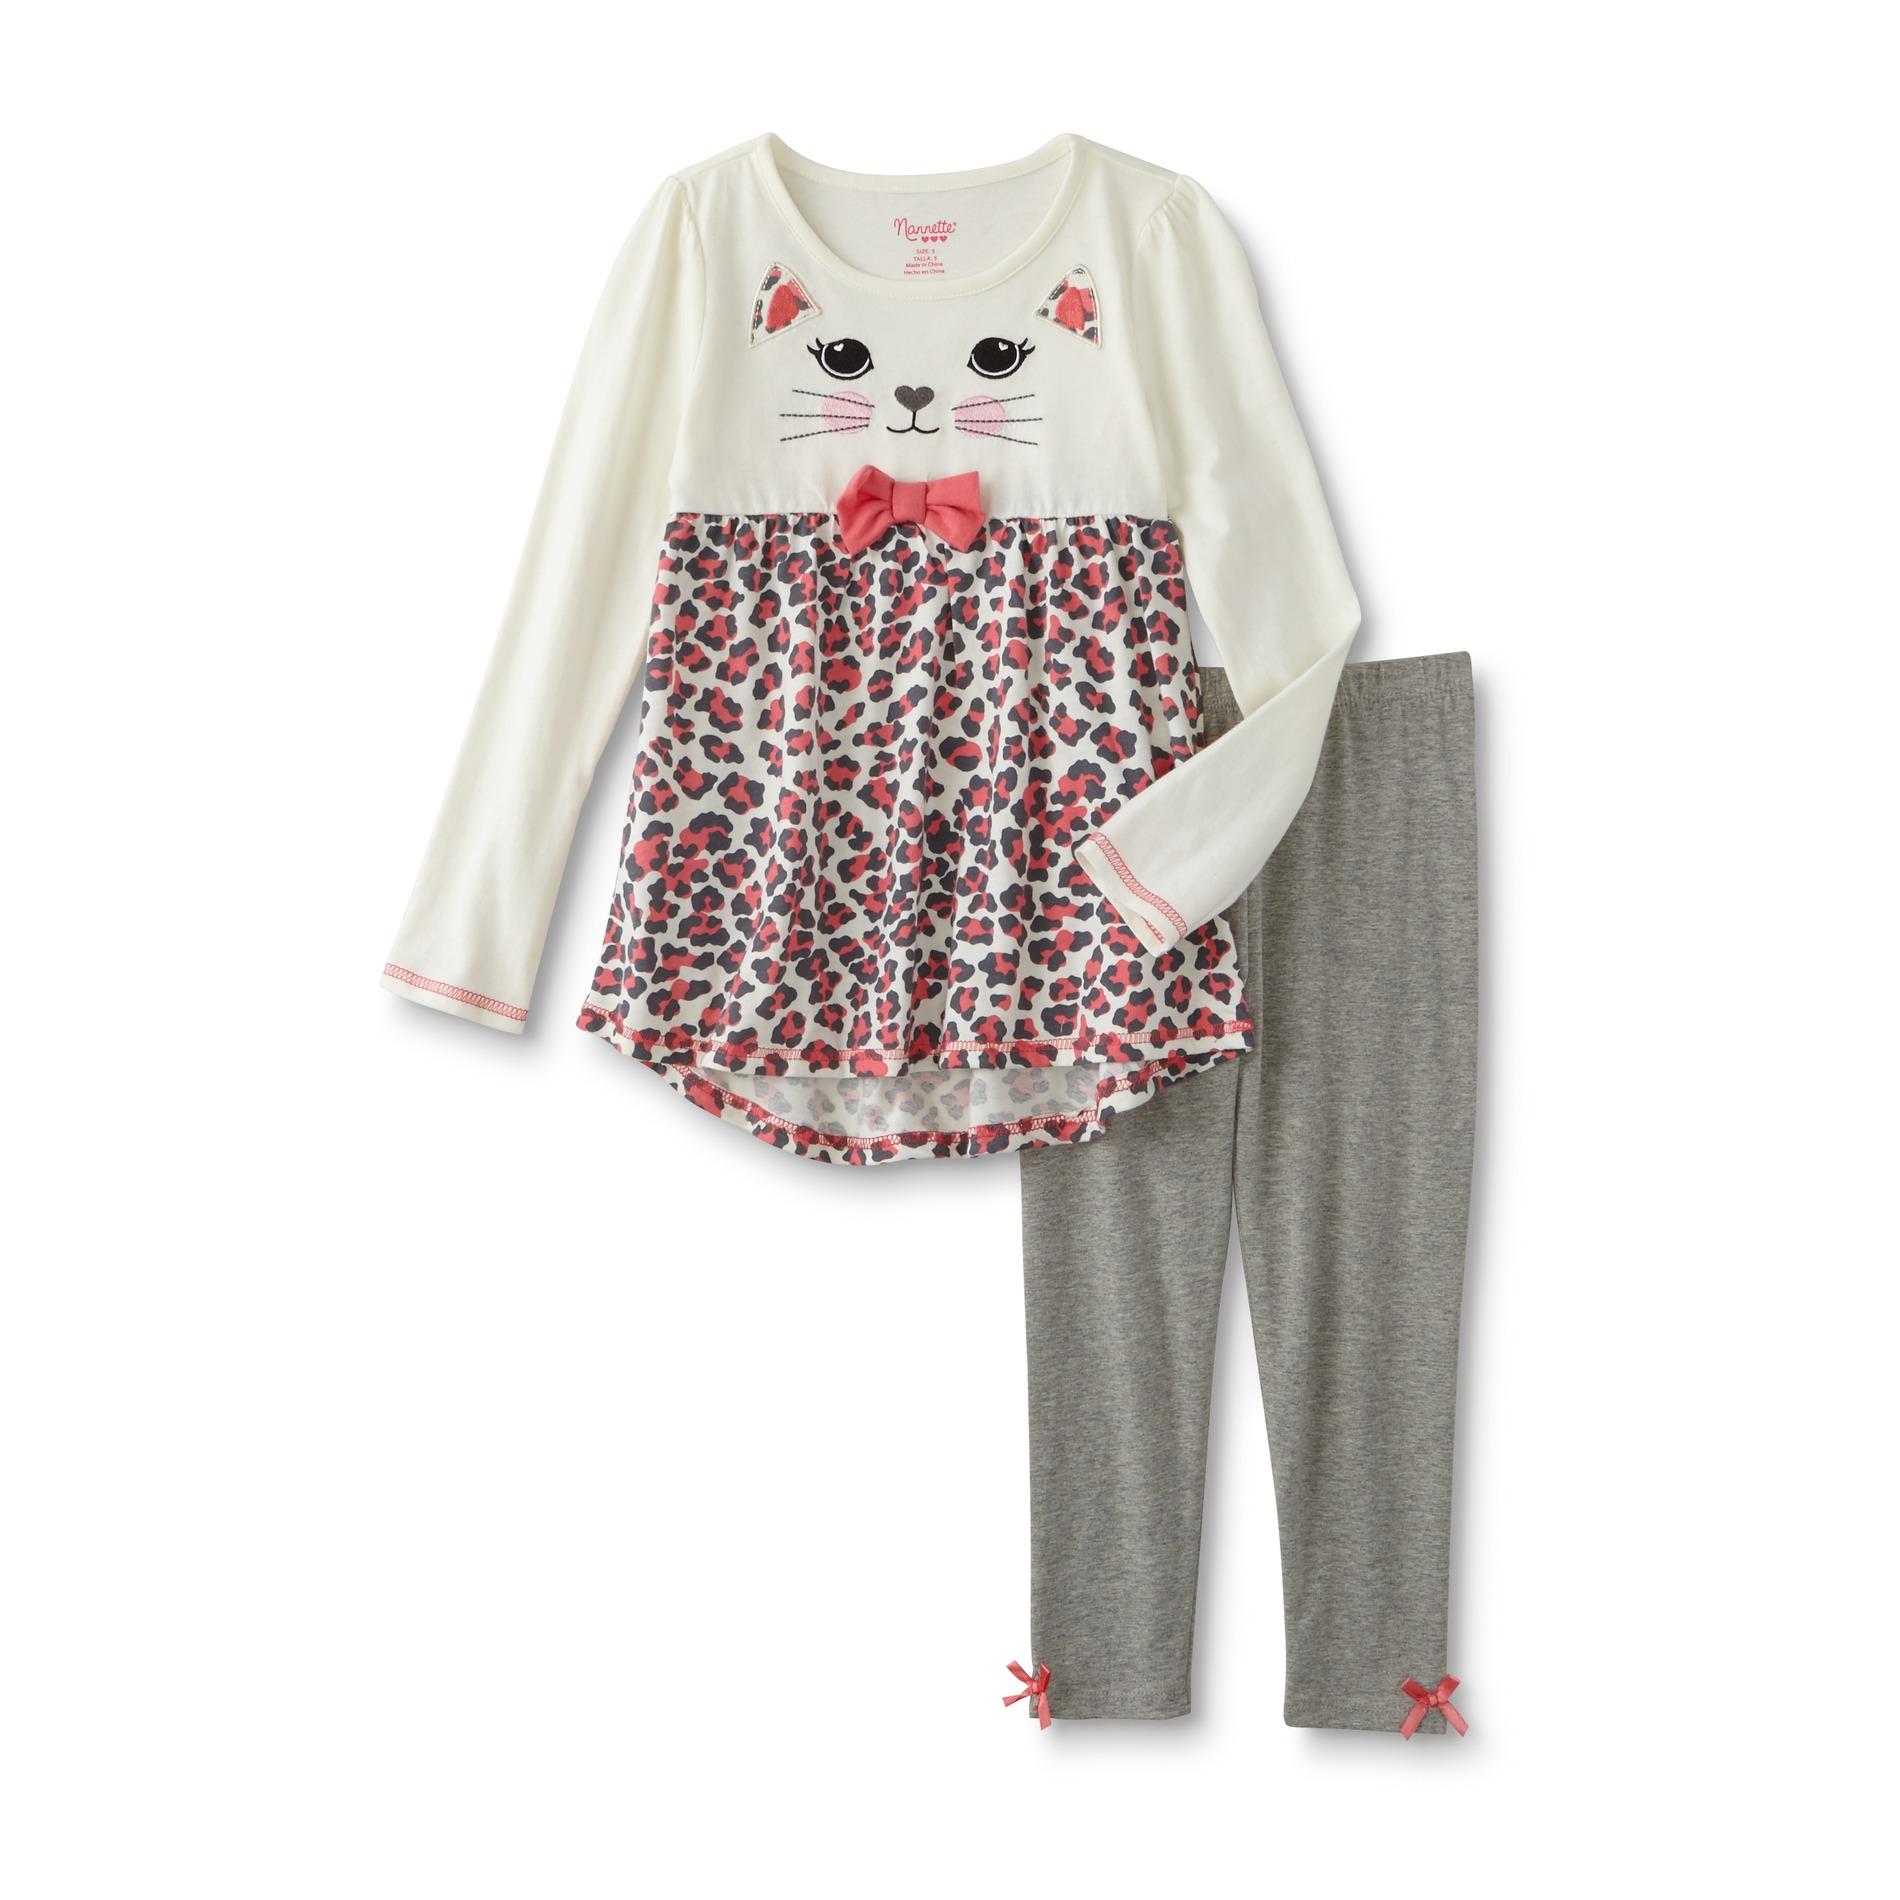 Nanette Girls' Tunic & Leggings - Leopard Print